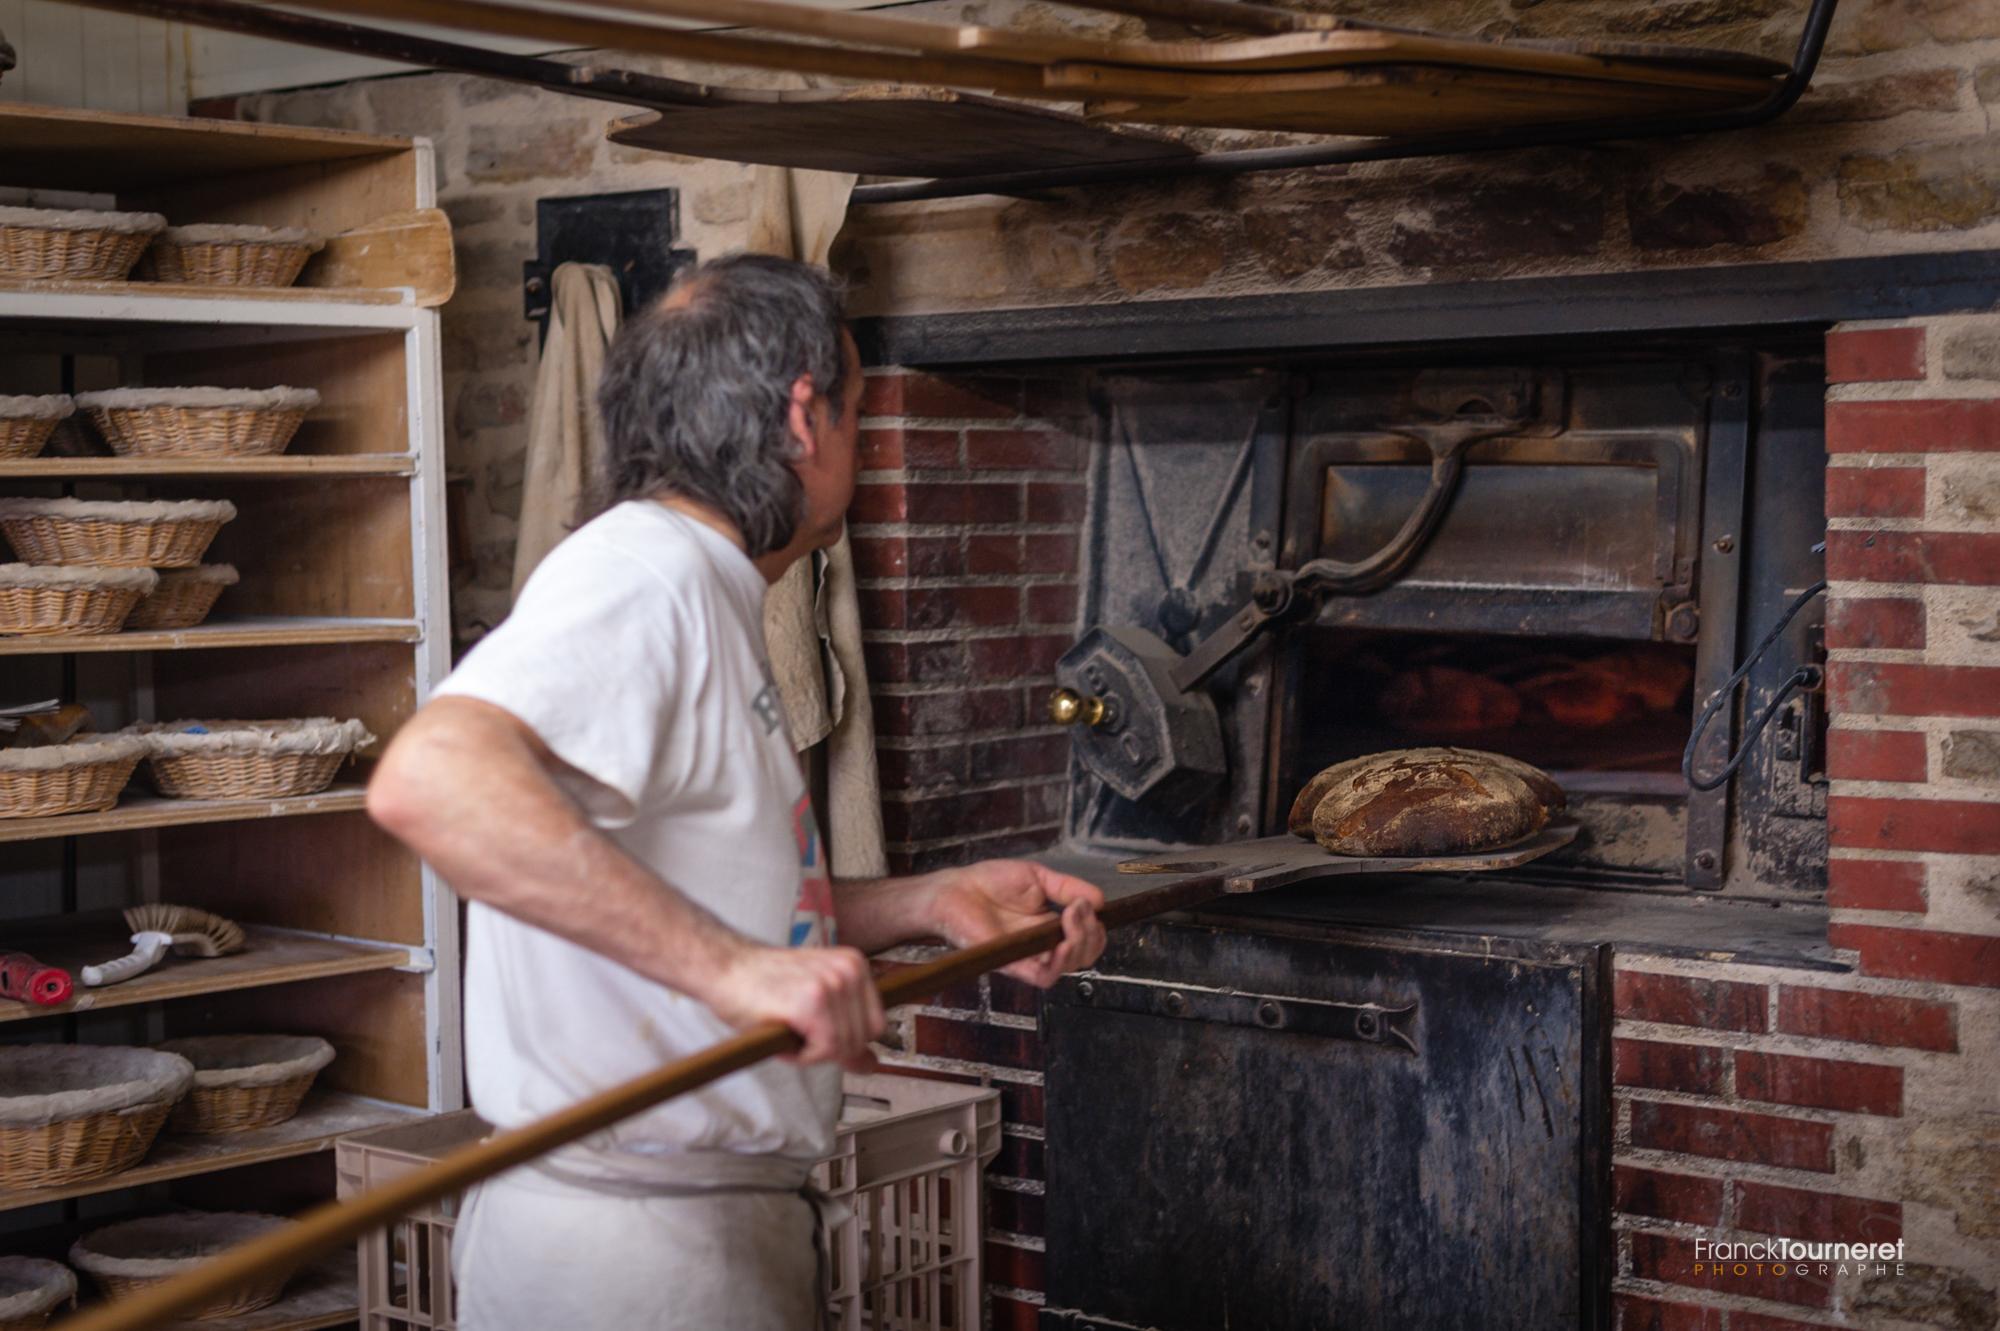 Pain au levain cuit au feu de bois - Boulangerie Sainte-Fauste à Bozouls - Photo Reportage de Franck Tourneret